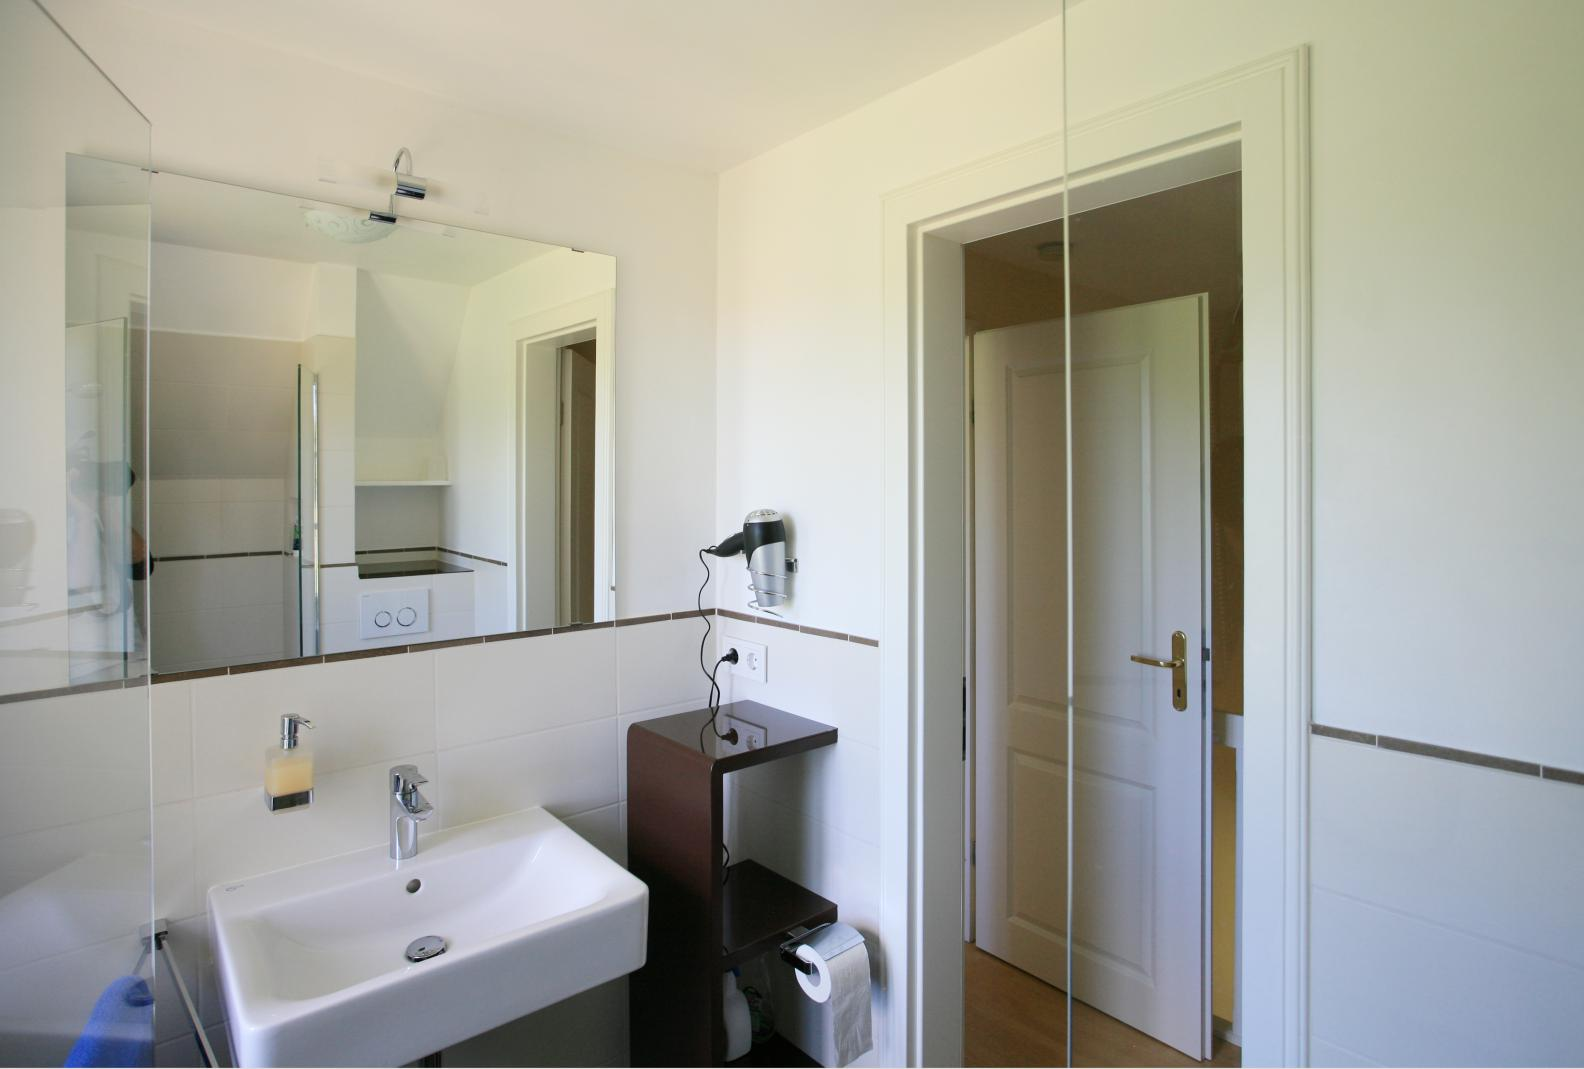 Badezimmer große Wohnung Badehus